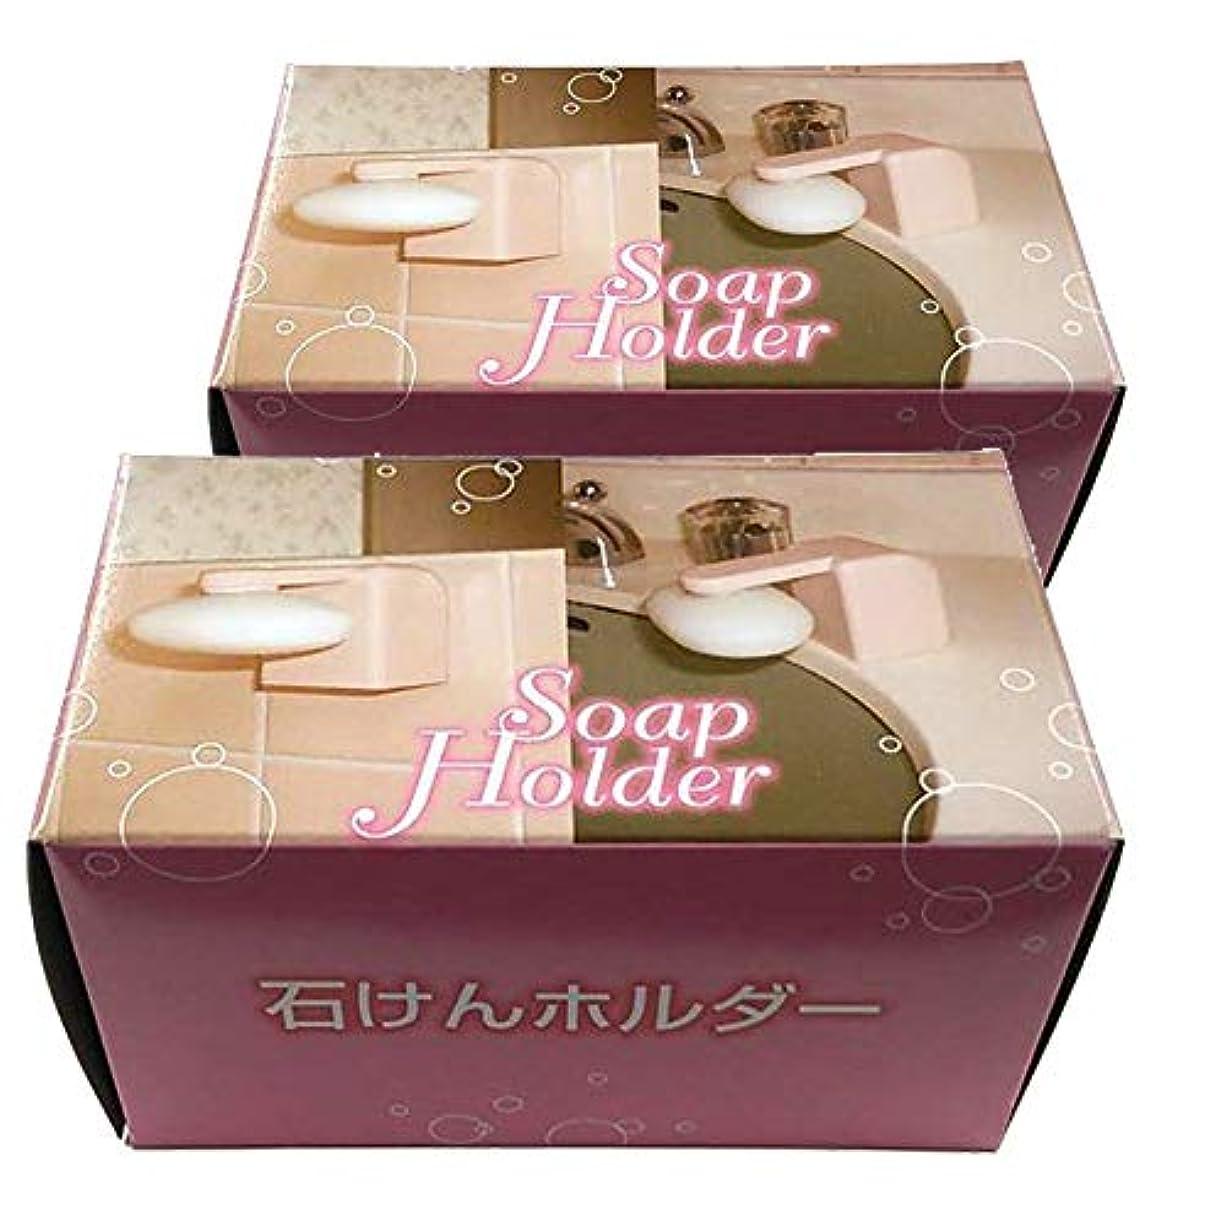 等価リズムネイティブマグネット石けんホルダー(2個セット) 石鹸が溶けないホルダー